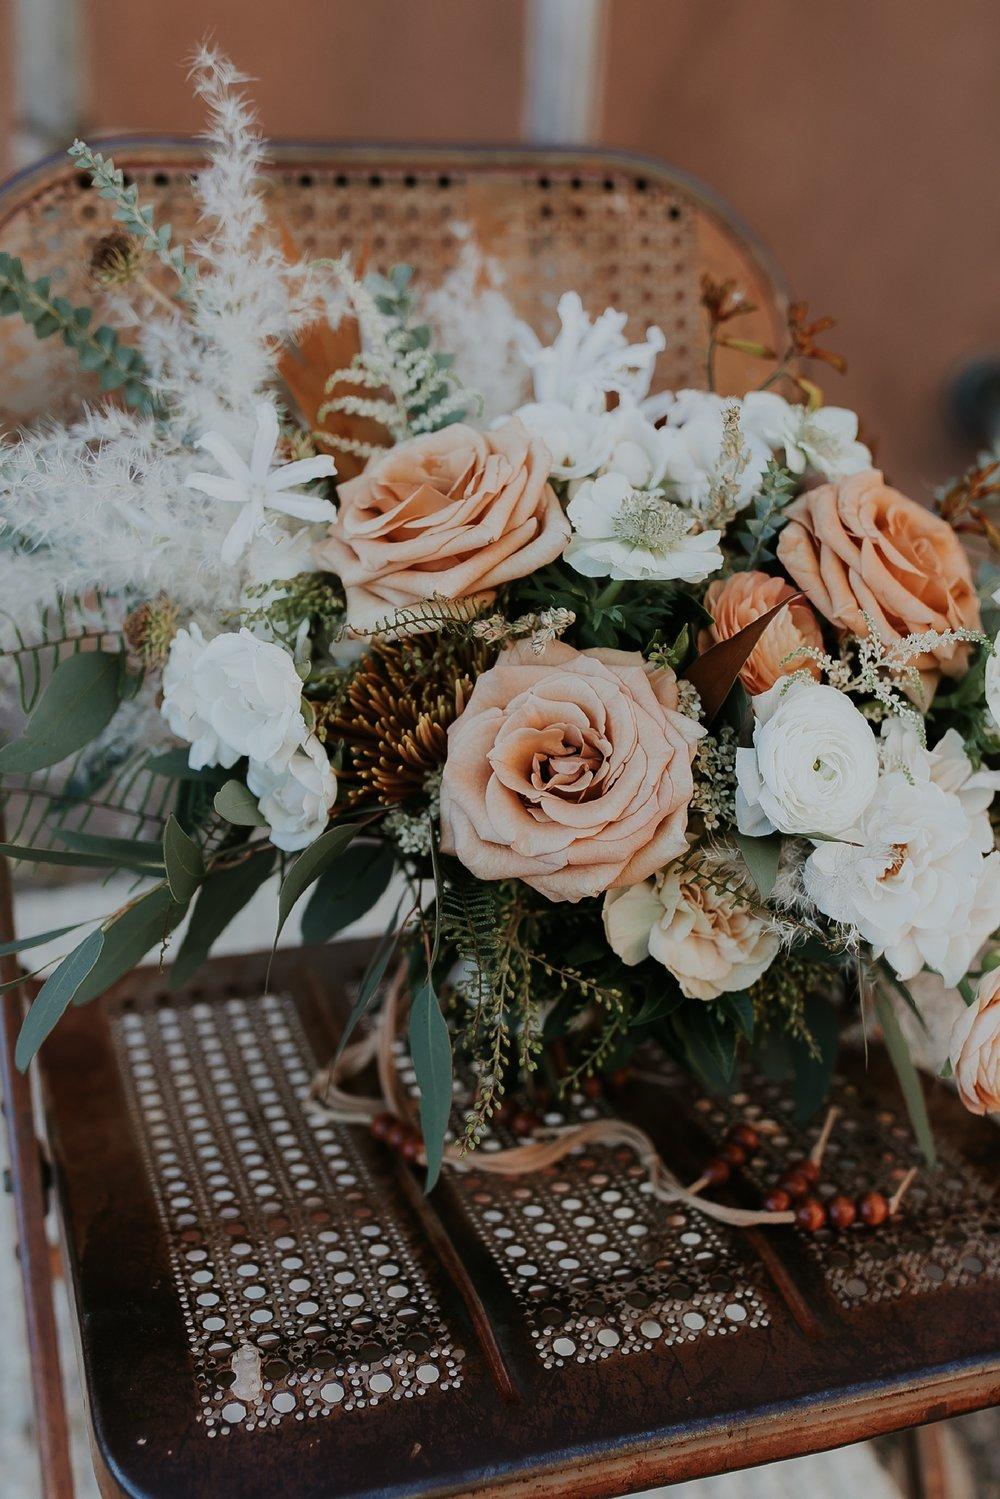 Alicia+lucia+photography+-+albuquerque+wedding+photographer+-+santa+fe+wedding+photography+-+new+mexico+wedding+photographer+-+new+mexico+wedding+-+santa+fe+wedding+-+albuquerque+wedding+-+wedding+florist+-+new+mexico+wedding+florist_0031.jpg